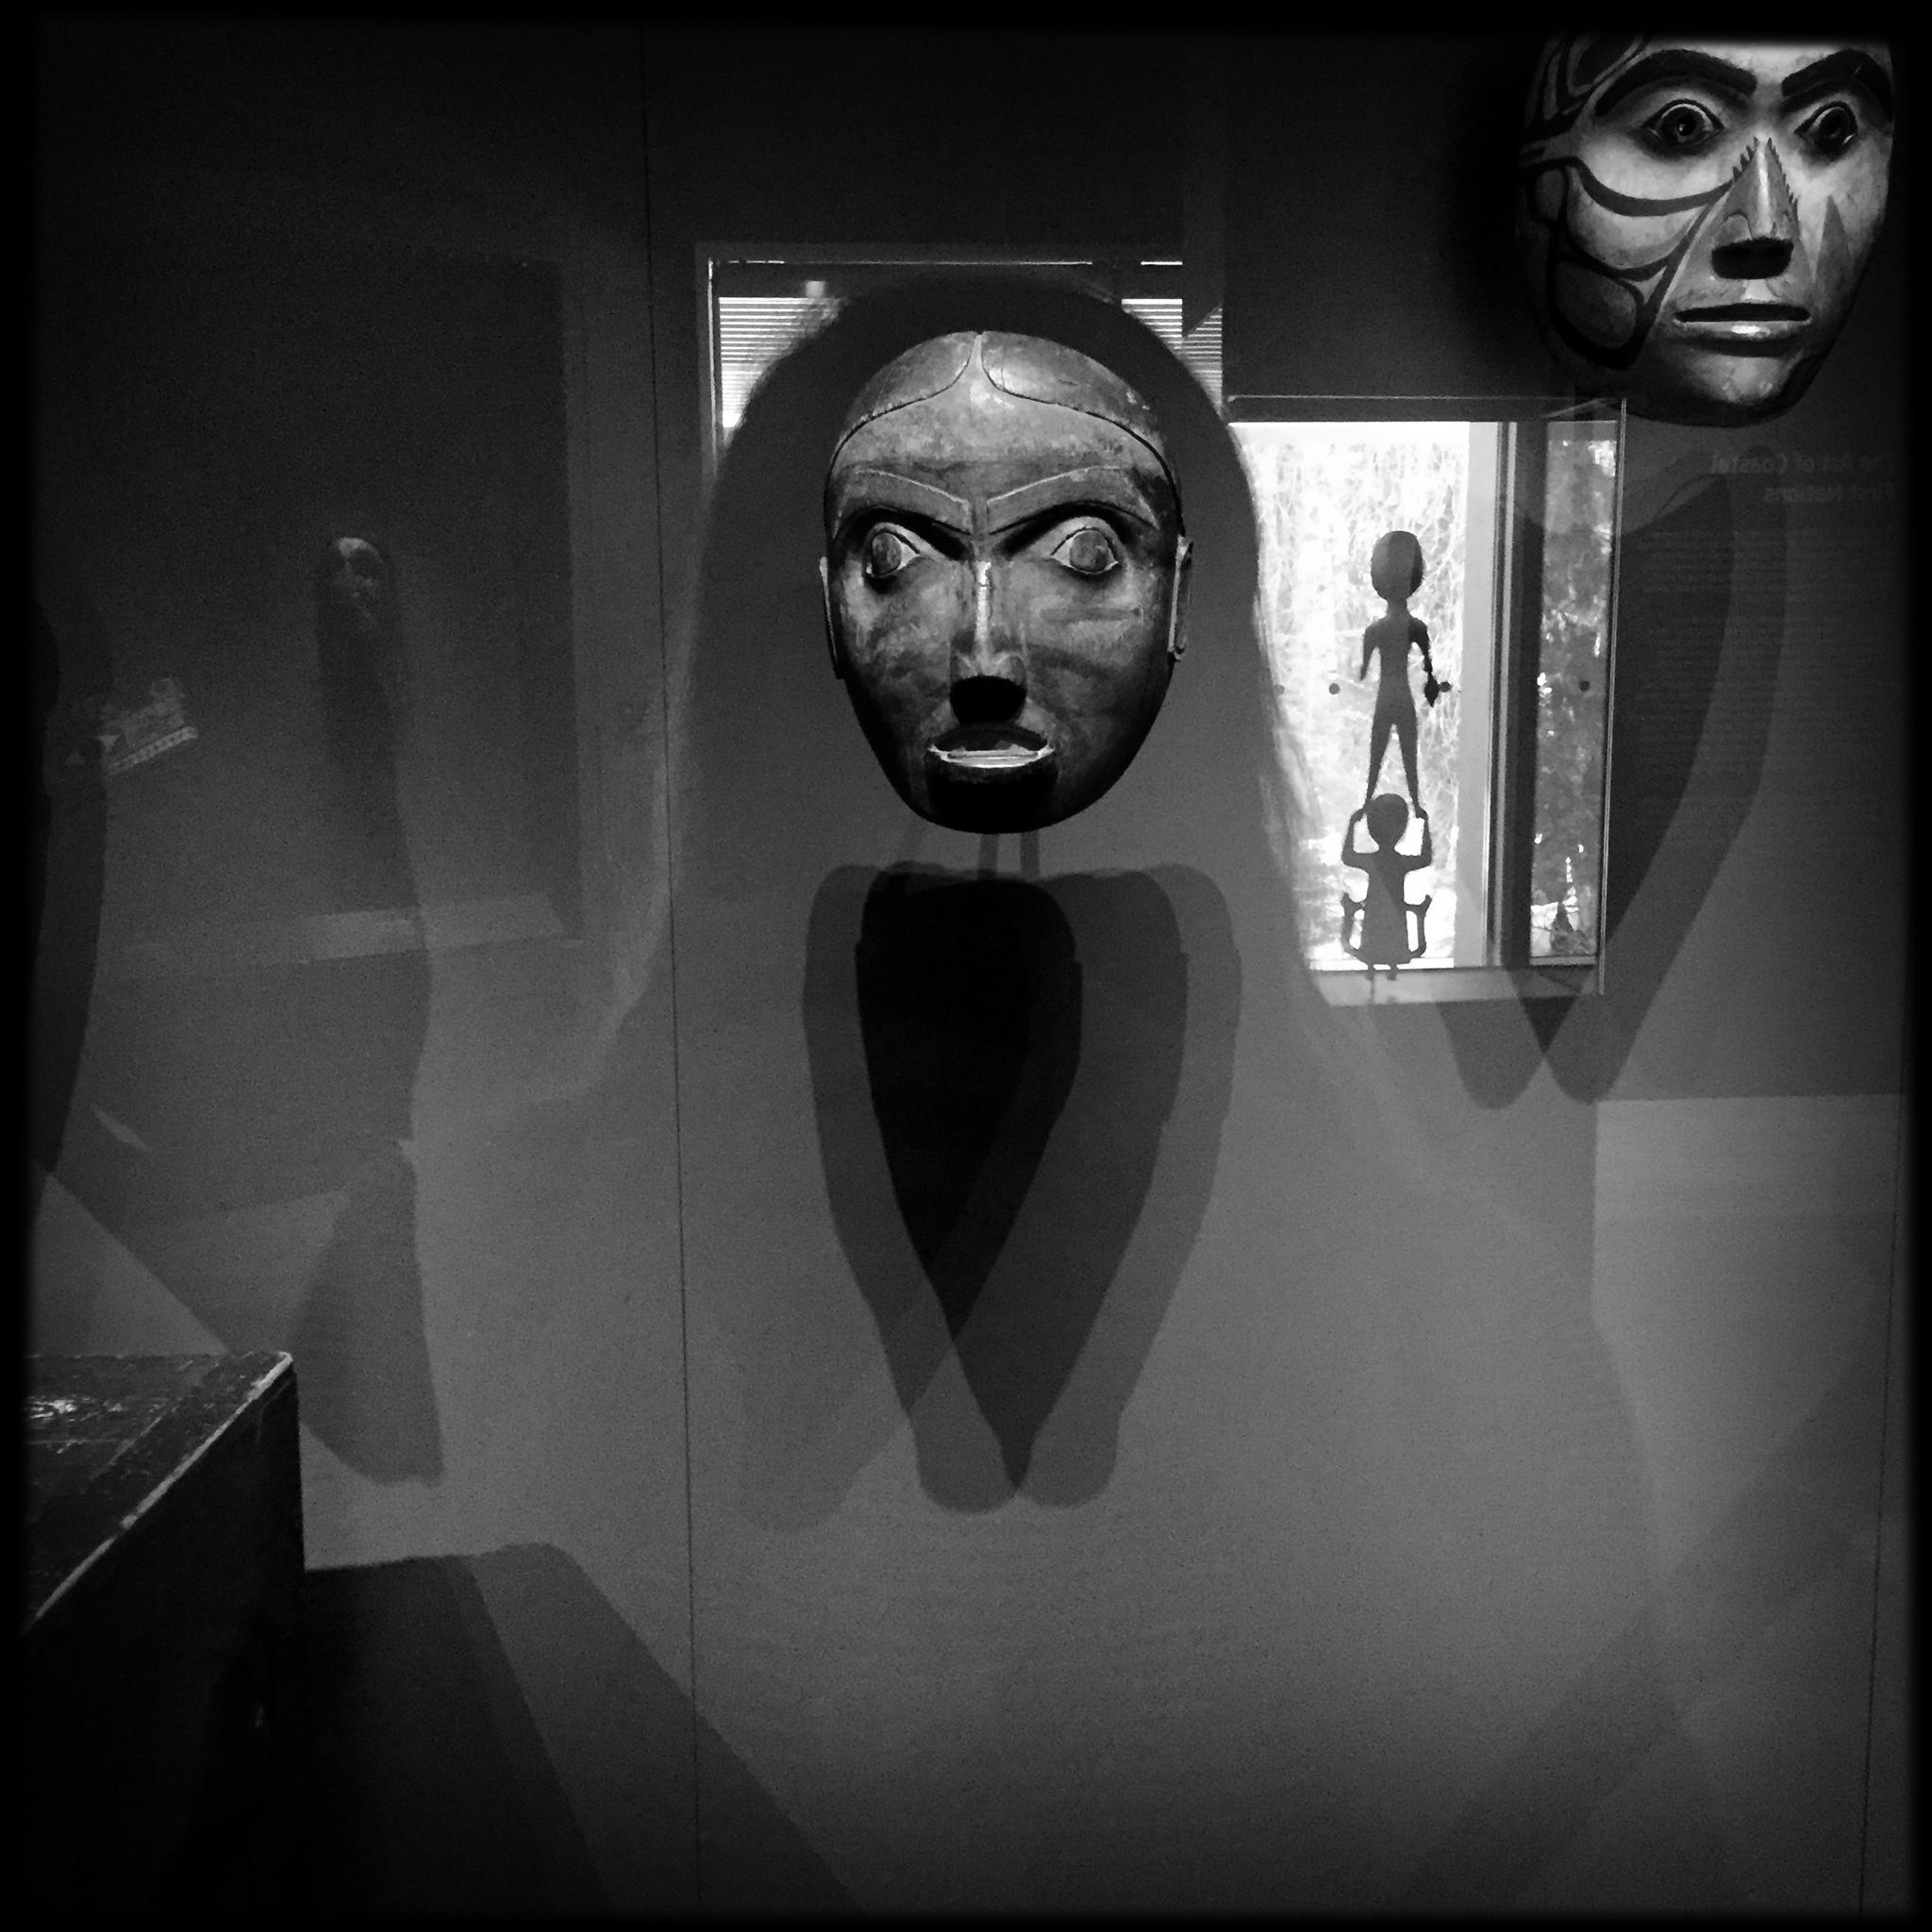 whistler-mask3-final.jpg